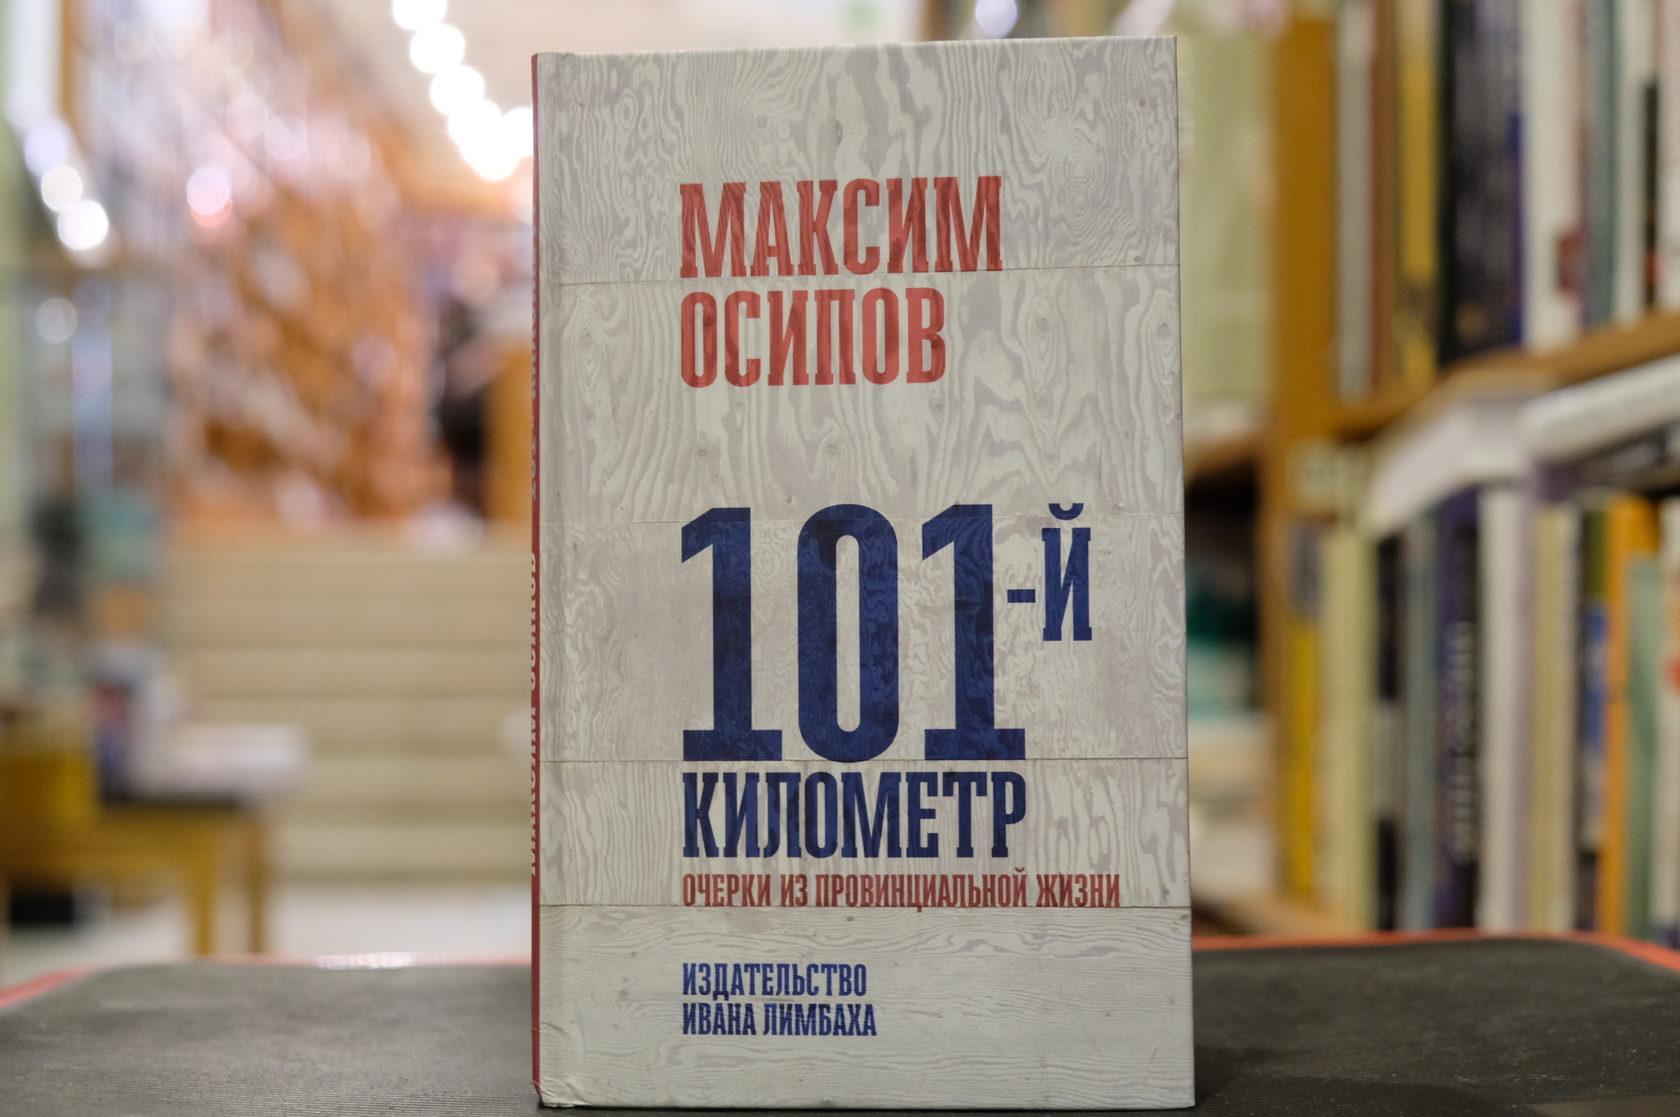 Купить книгу Максим Осипов «101-й километр. Очерки из провинциальной жизни»